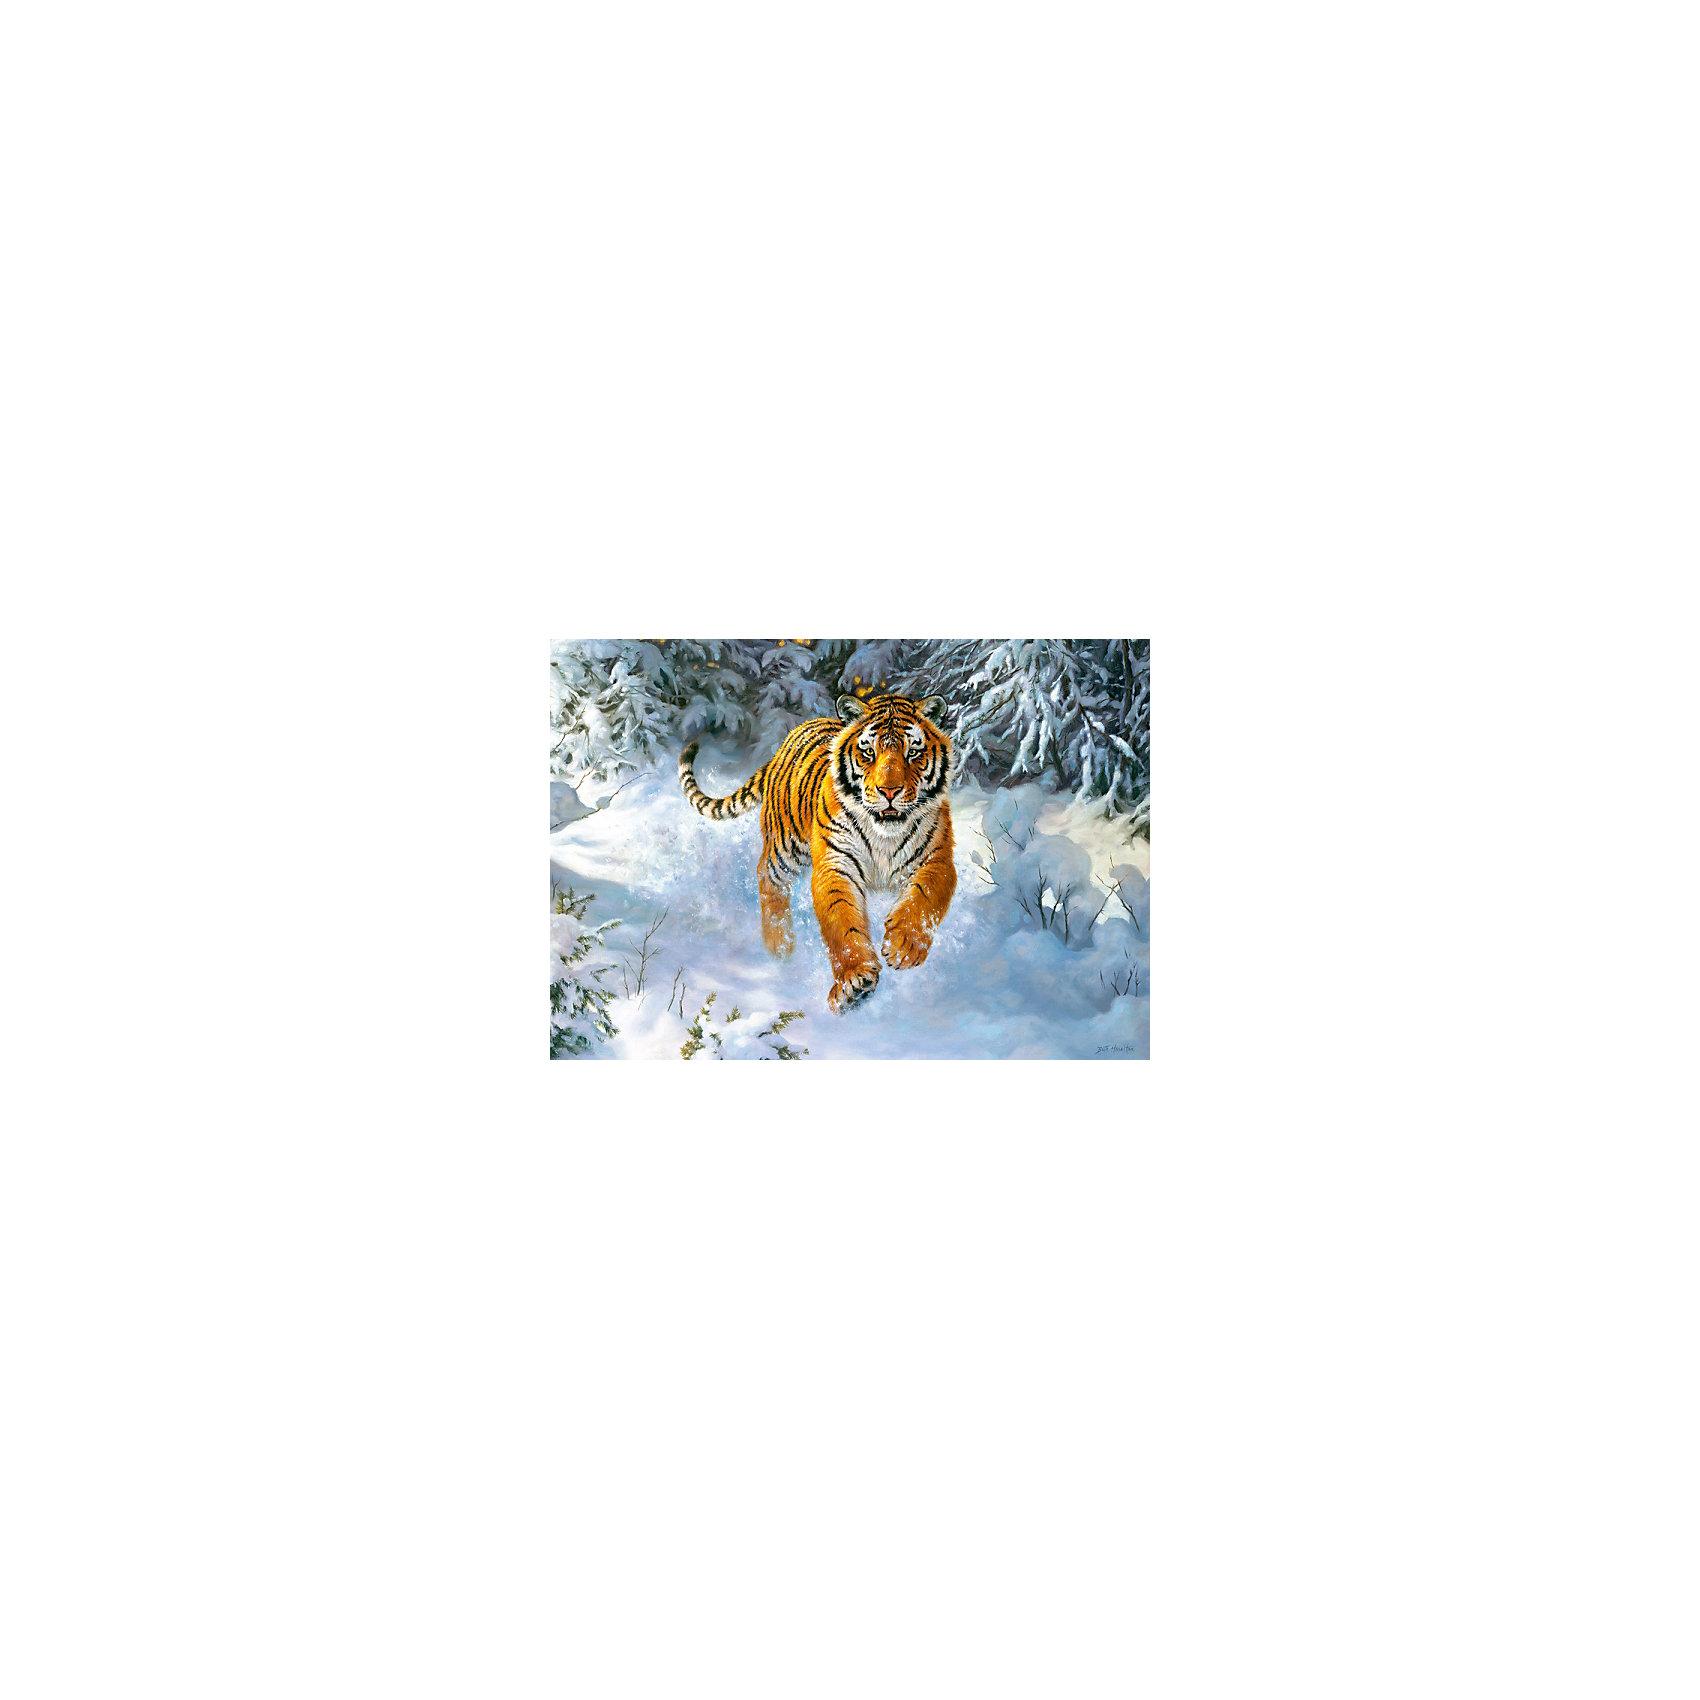 Пазл Амурский тигр, 500 деталей, CastorlandКоличество деталей<br>Пазл Амурский тигр, 500 деталей, Castorland, (Касторленд)<br><br>Характеристики:<br><br>• большая красивая картинка<br>• количество деталей: 500<br>• устойчив к выцветанию<br>• размер пазла: 47х33 см<br>• вес: 100 грамм<br>• размер упаковки: 32х22х4,7 см<br><br>С помощью набора от Касторленд ваш ребенок сможет создать яркую картинку, изображающую Амурского тигра, бегущего по снегу. В набор входят 500 деталей из плотного картона, устойчивого к выцветанию и повреждениям. Детали легко соединяются друг с другом. Собирание пазлов способствует развитию мелкой моторики, логического и пространственного мышления, а также усидчивости. Готовая картинка украсит комнату и, конечно же, порадует ребенка!<br><br>Пазл Амурский тигр, 500 деталей, Castorland, (Касторленд) можно купить в нашем интернет-магазине.<br><br>Ширина мм: 320<br>Глубина мм: 47<br>Высота мм: 220<br>Вес г: 500<br>Возраст от месяцев: 72<br>Возраст до месяцев: 2147483647<br>Пол: Унисекс<br>Возраст: Детский<br>SKU: 5244664